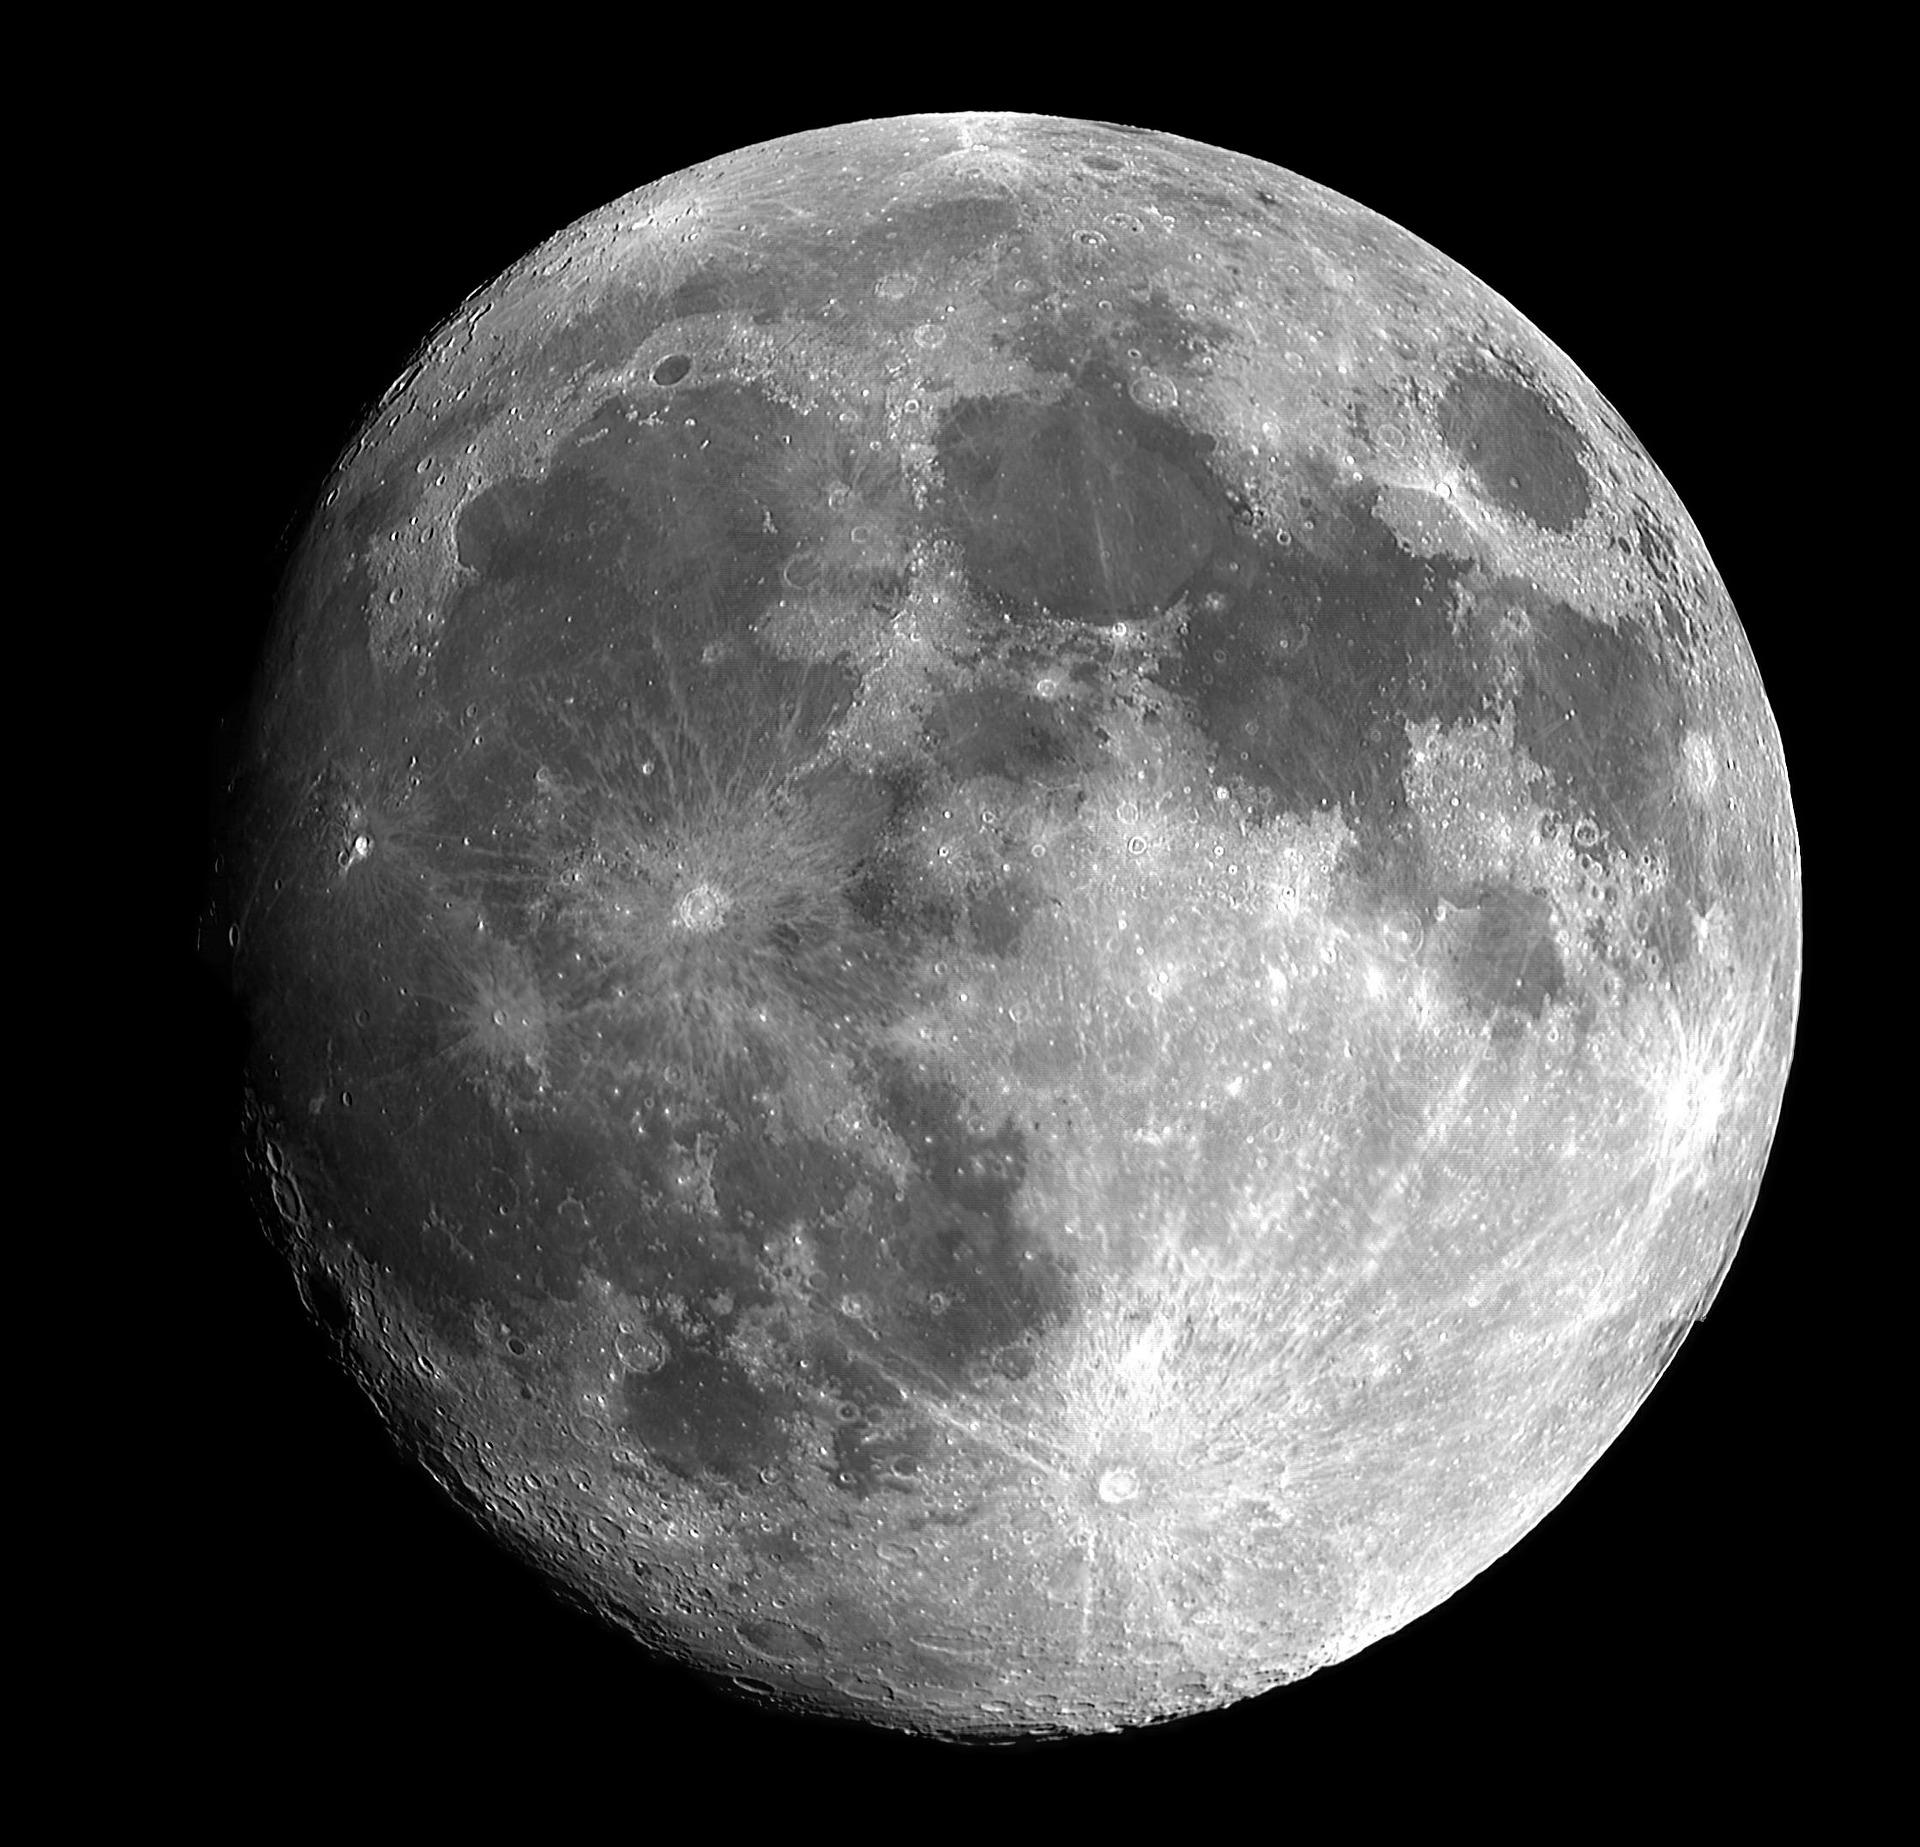 Obrázek: Izraelský lunární modul přistane na Měsíci, financovala jej soukromá společnost. Je Luna opět lukrativní?